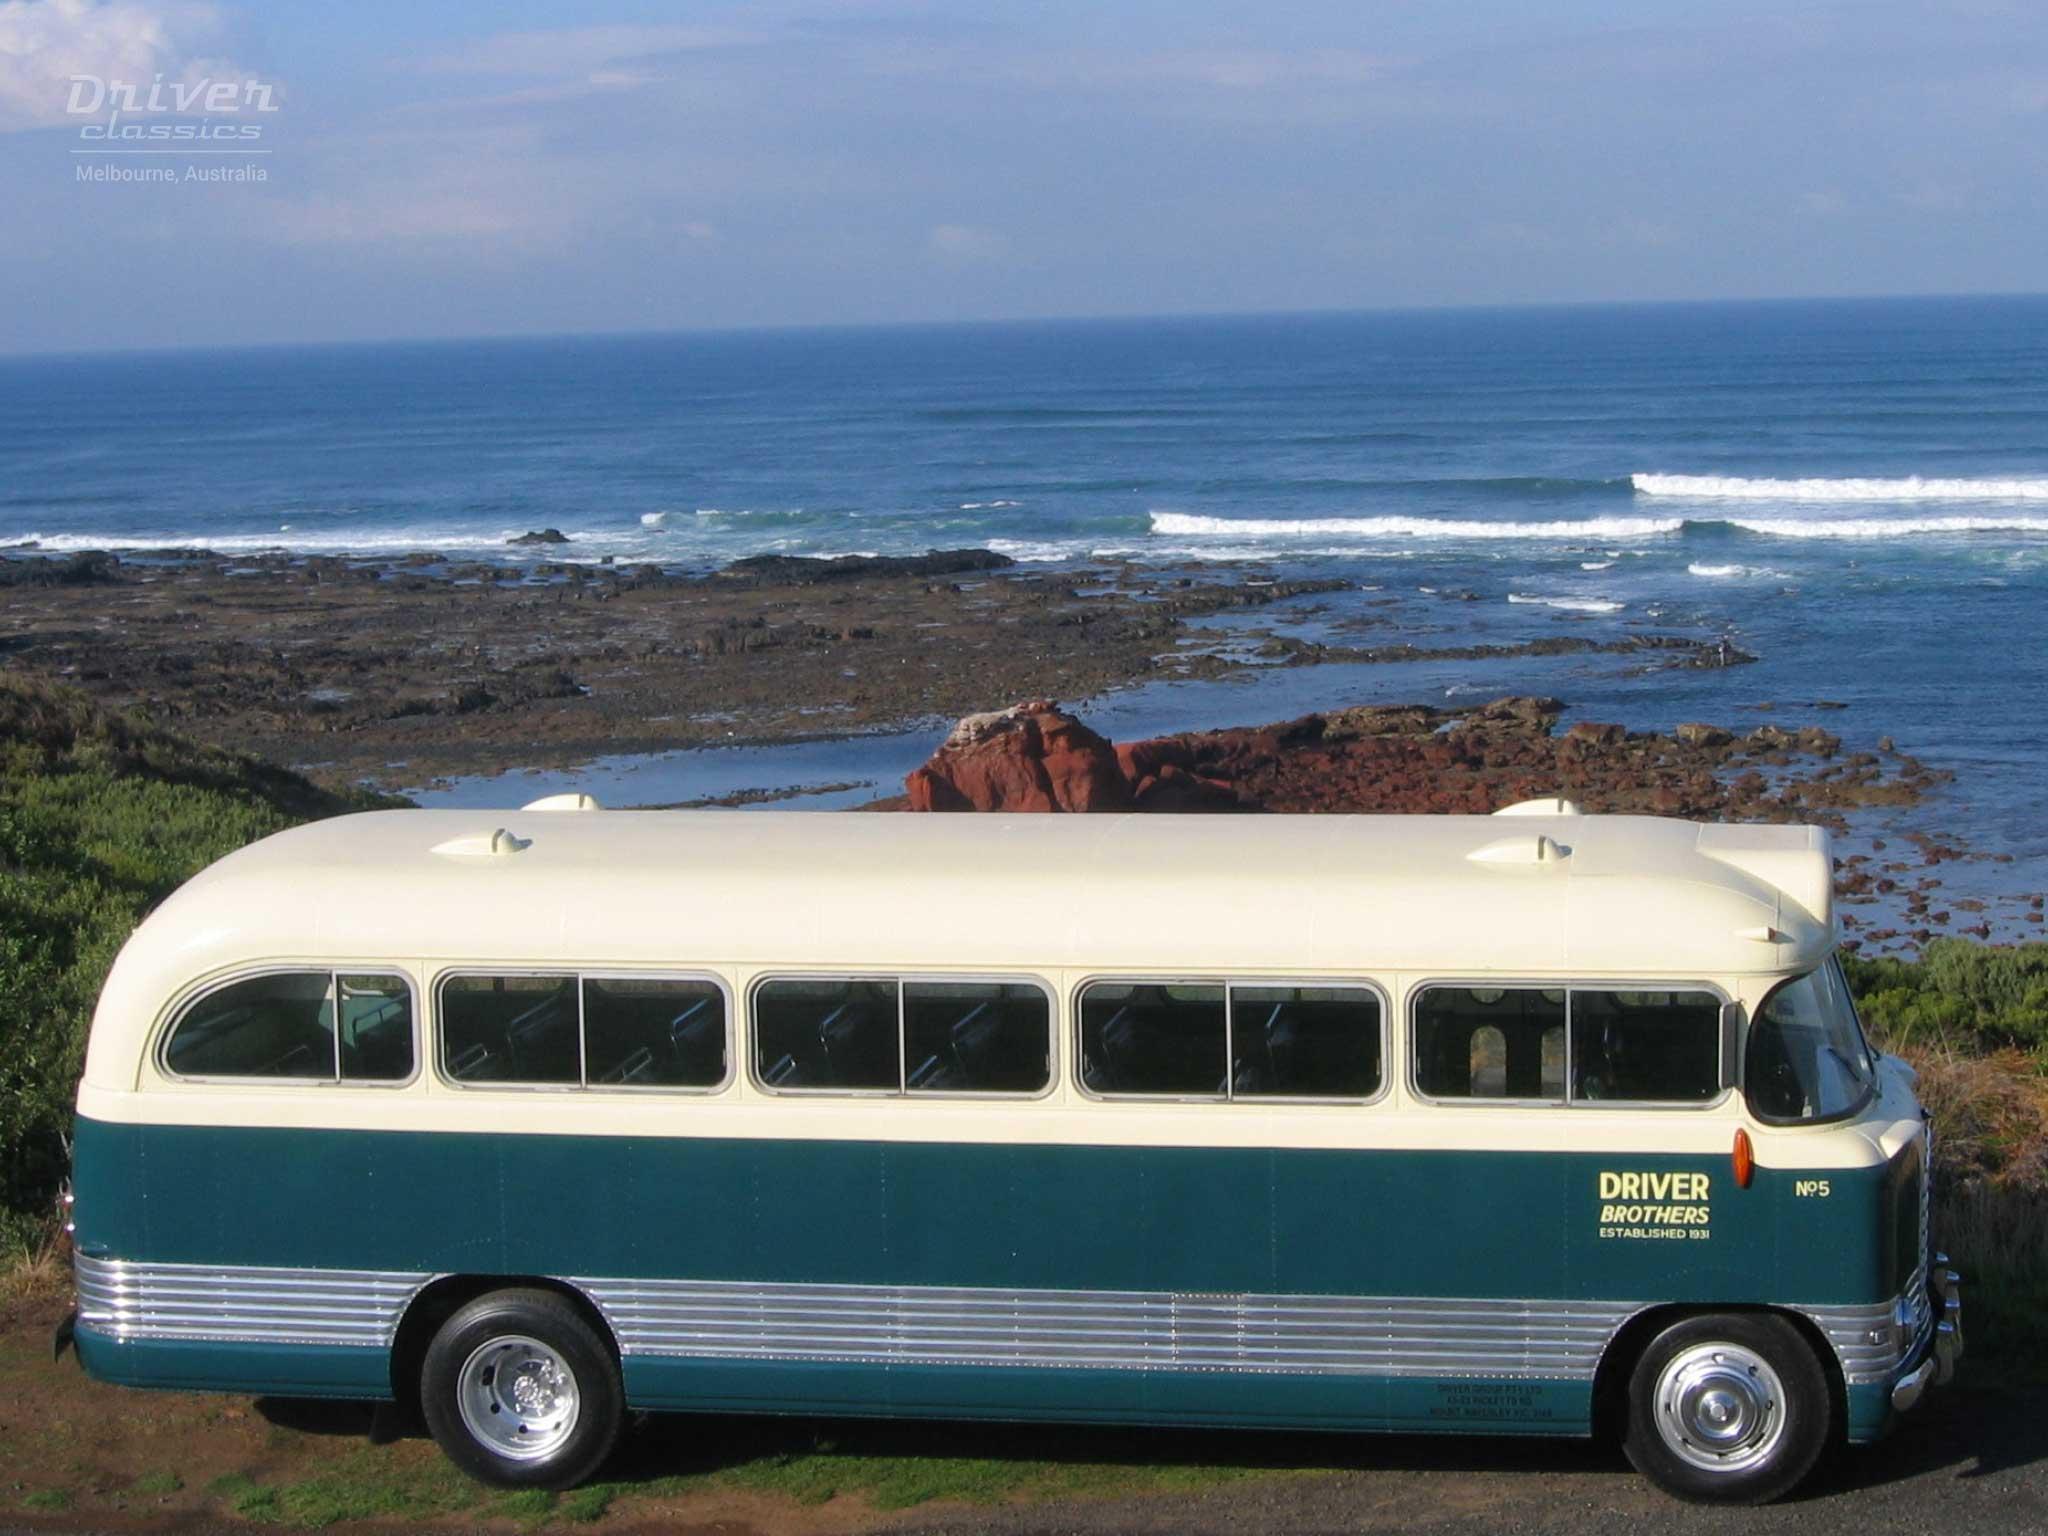 1959 Bedford SB3 bus at beach